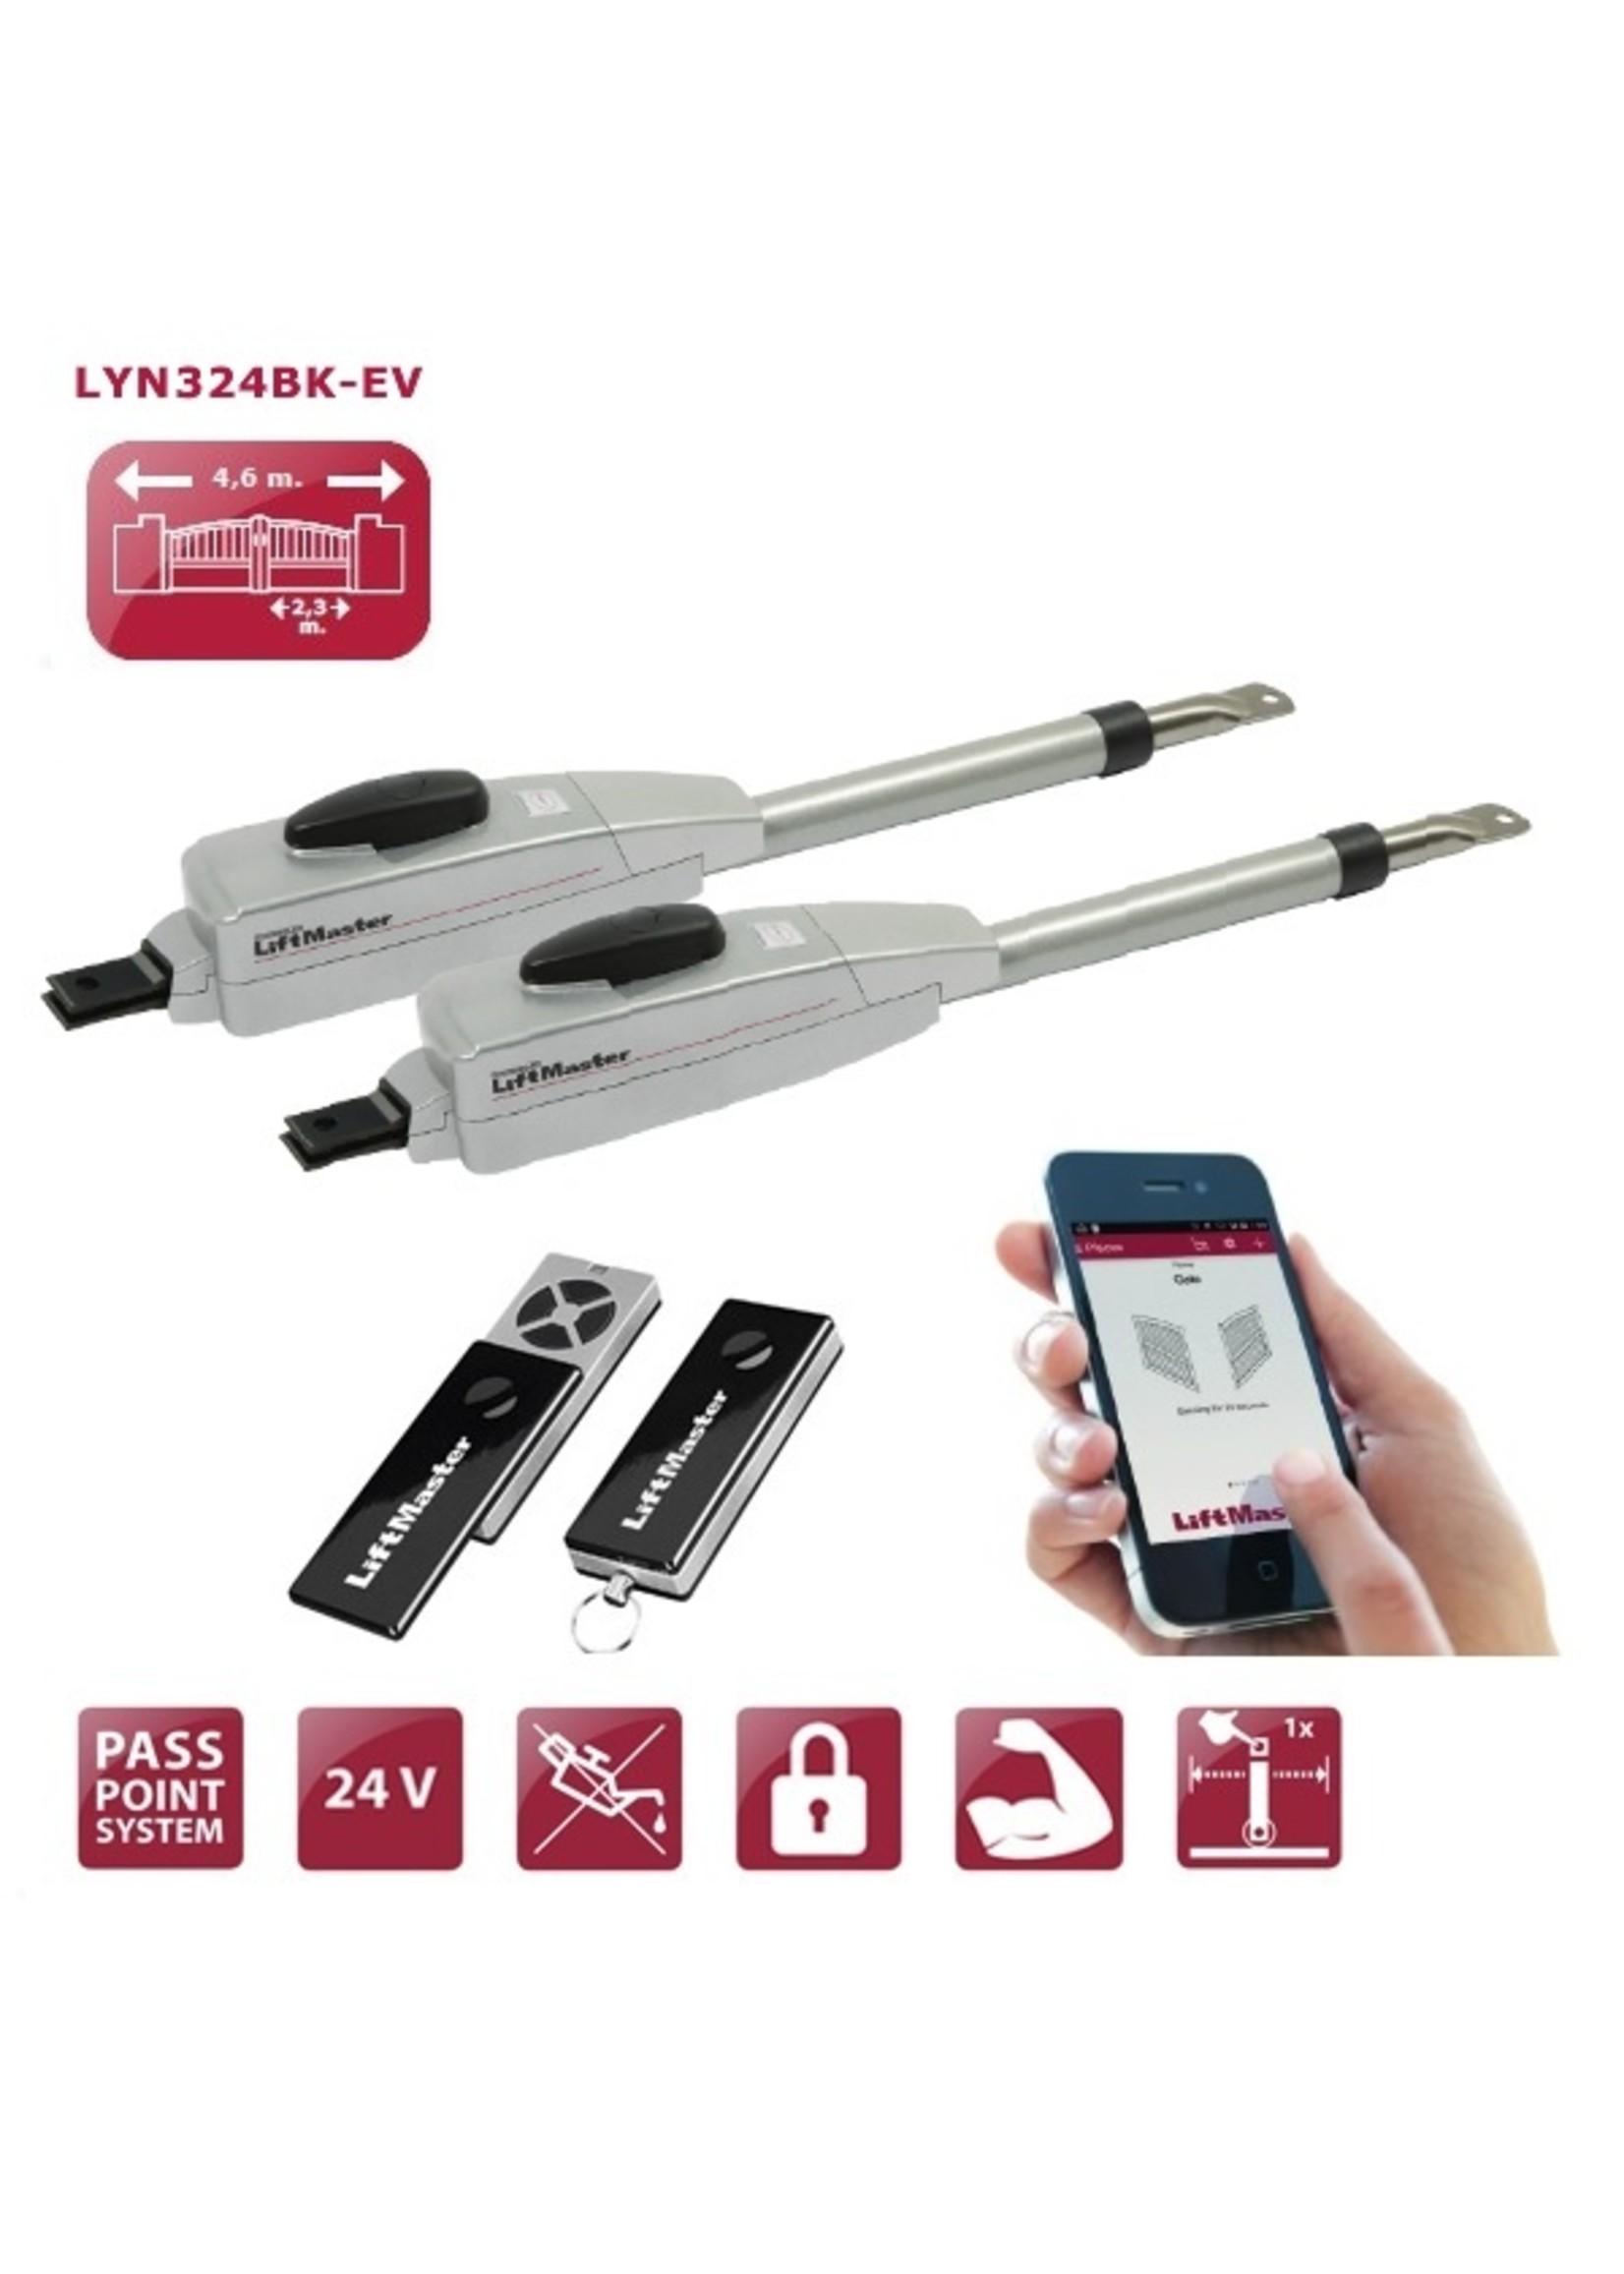 Liftmaster LYN324BK-EV Poortopener kit voor vleugelpoorten LYN300-24